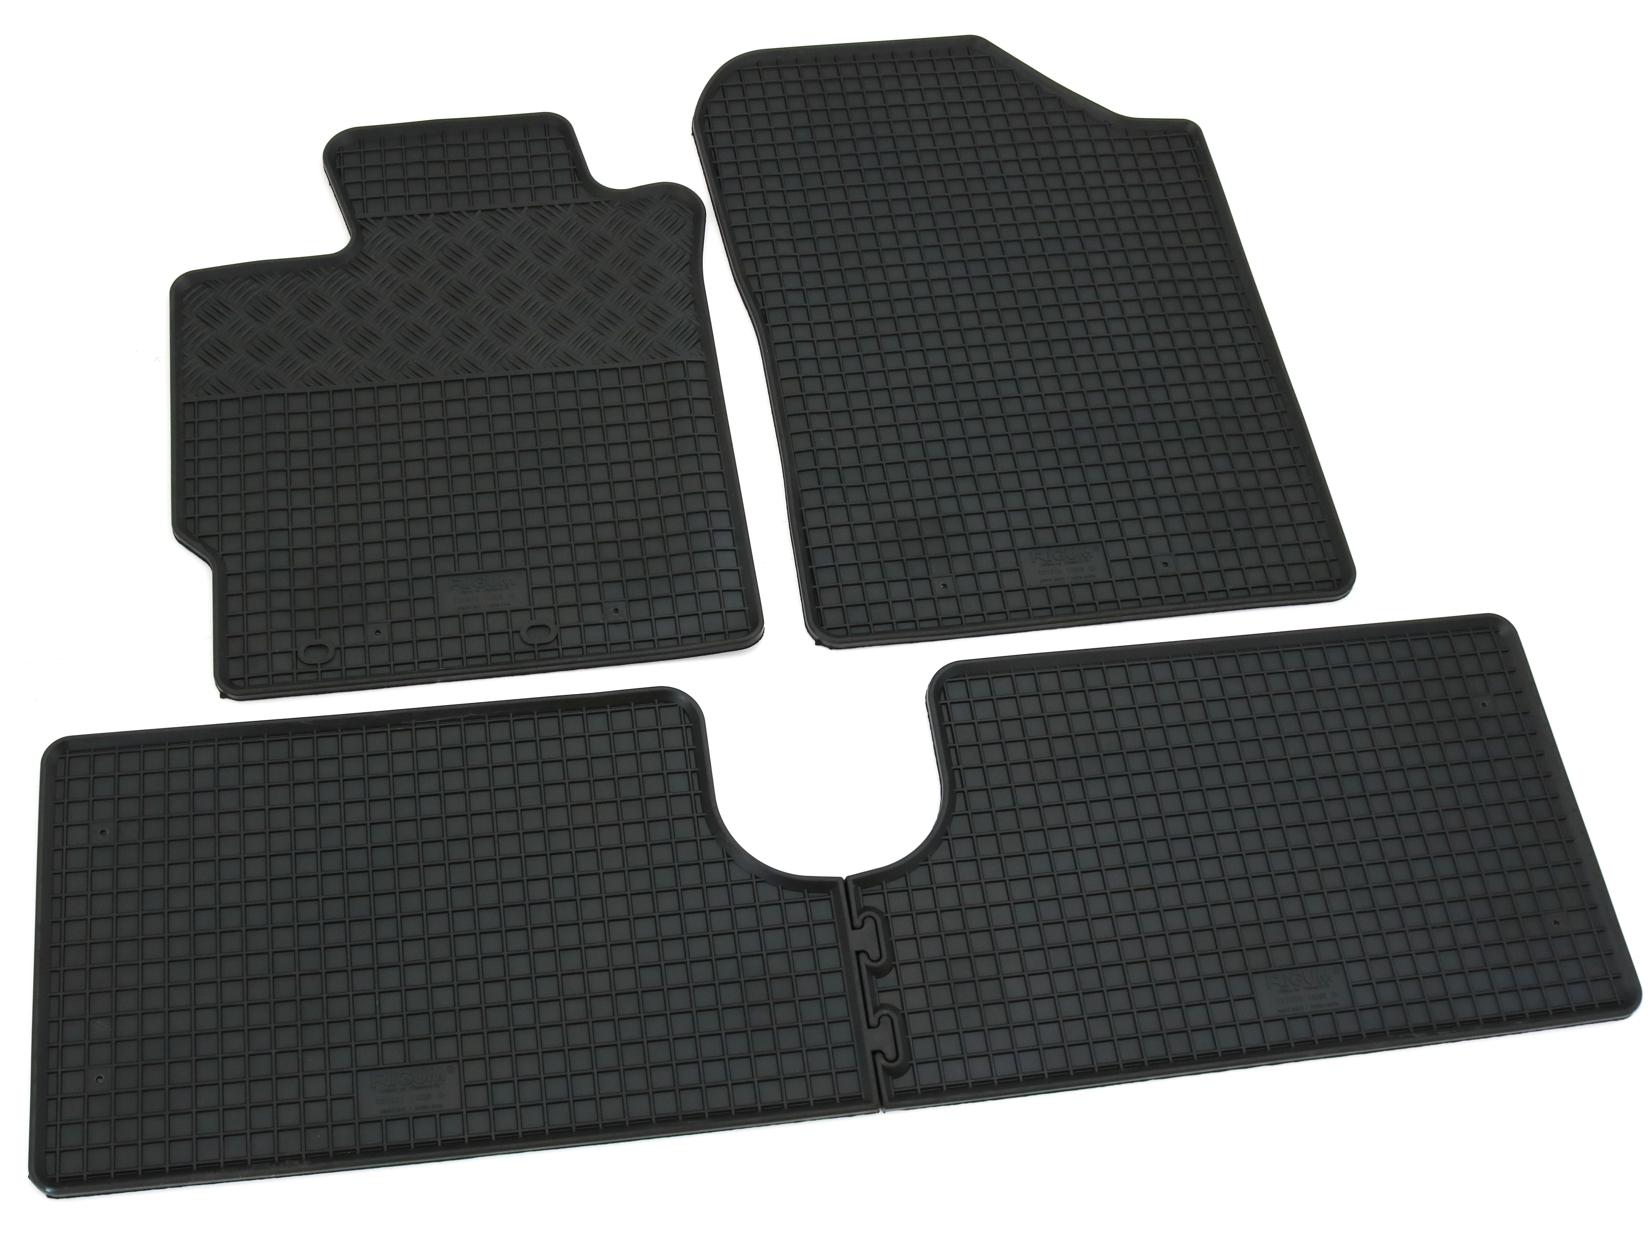 TOYOTA YARIS III HYBRID ab 2014 Kofferraumwanne /& Gummi-Fußmatten